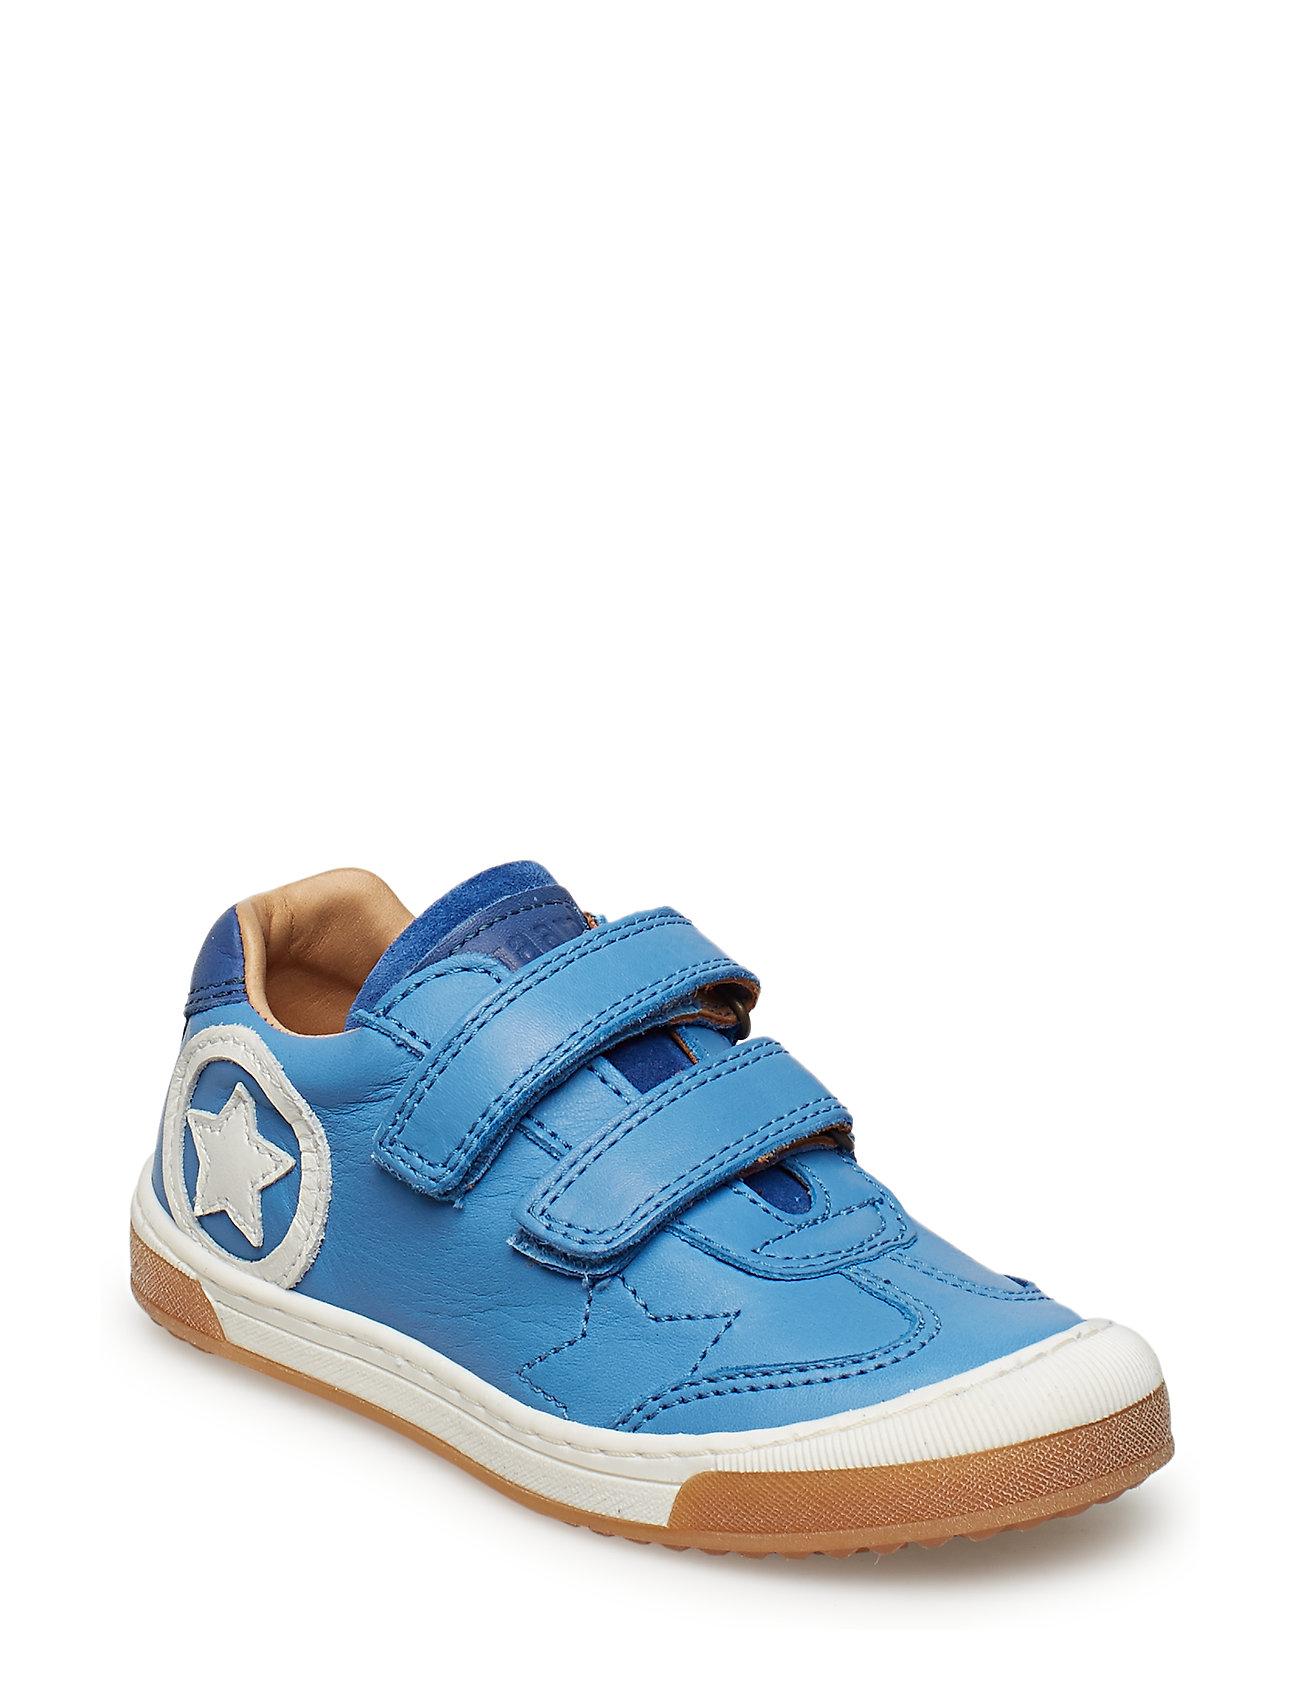 Bisgaard Velcro shoe - SKY BLUE